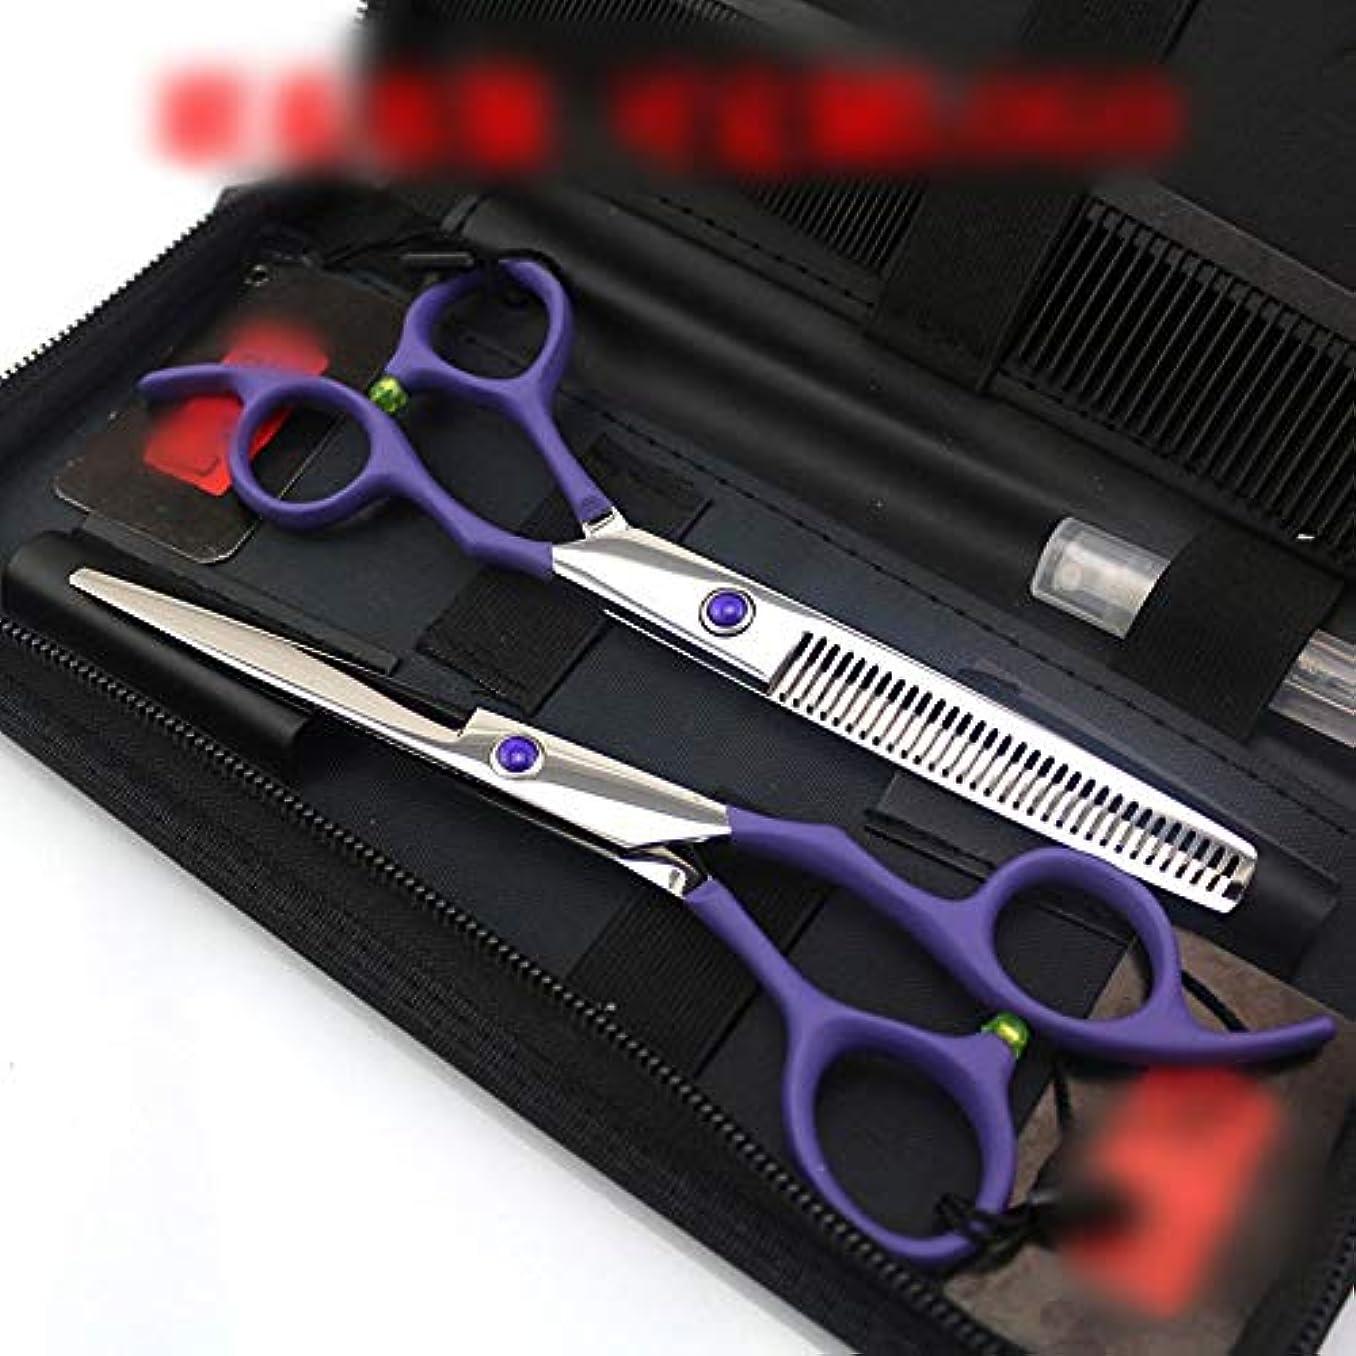 表示植物学地上のGoodsok-jp 6.0インチパープルプロフェッショナル理髪はさみ、フラットはさみ歯せん断美容師はさみ理髪ツール (色 : 紫の)